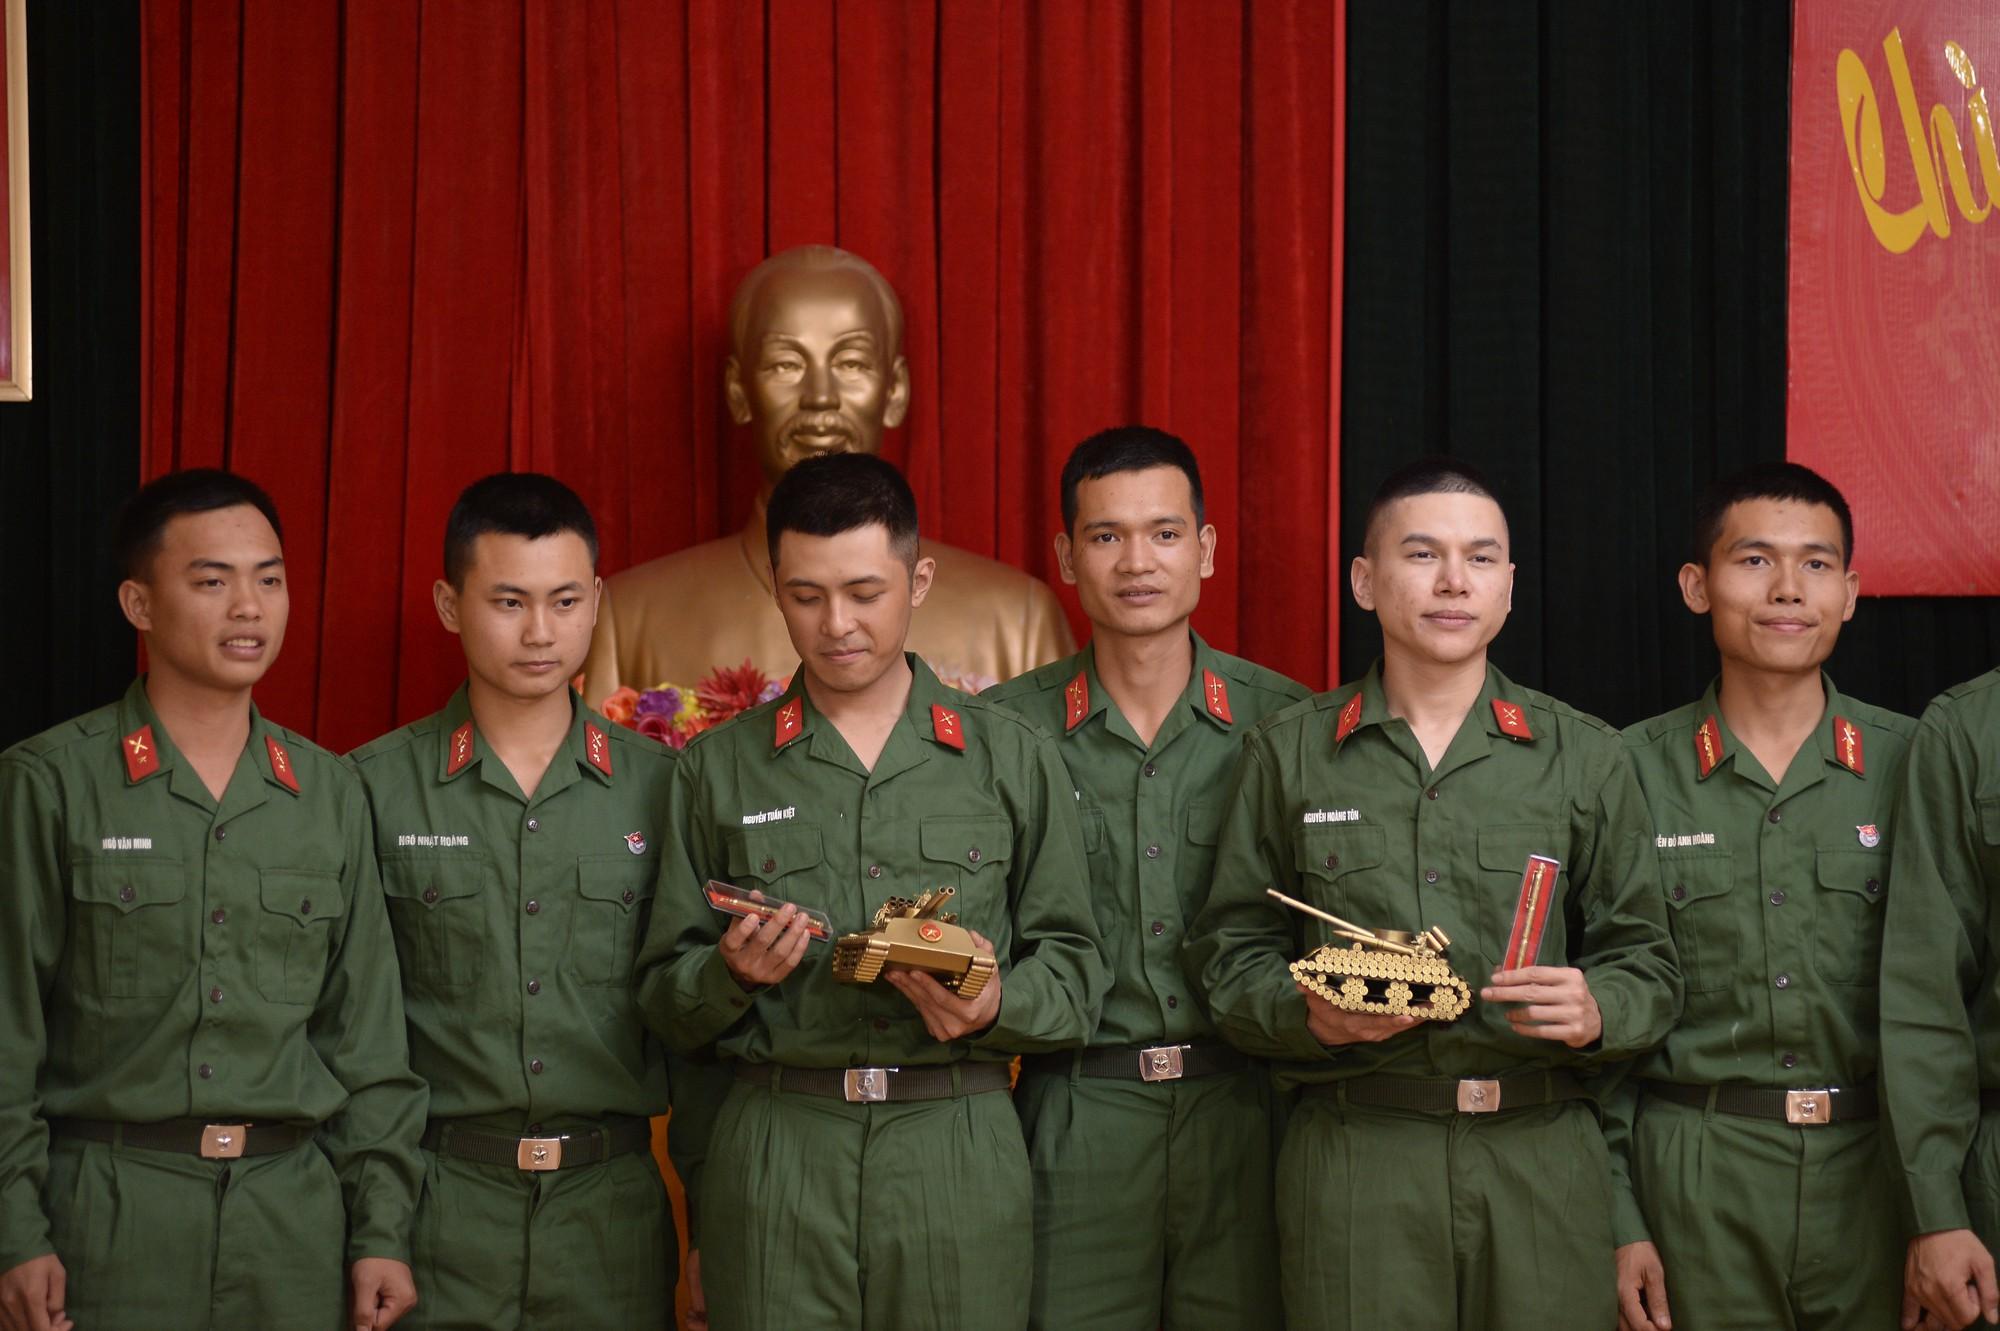 Sao nhập ngũ: Gin Tuấn Kiệt, Hoàng Tôn khiến đồng đội mất ngủ chỉ vì quên mang... vớ - Ảnh 11.